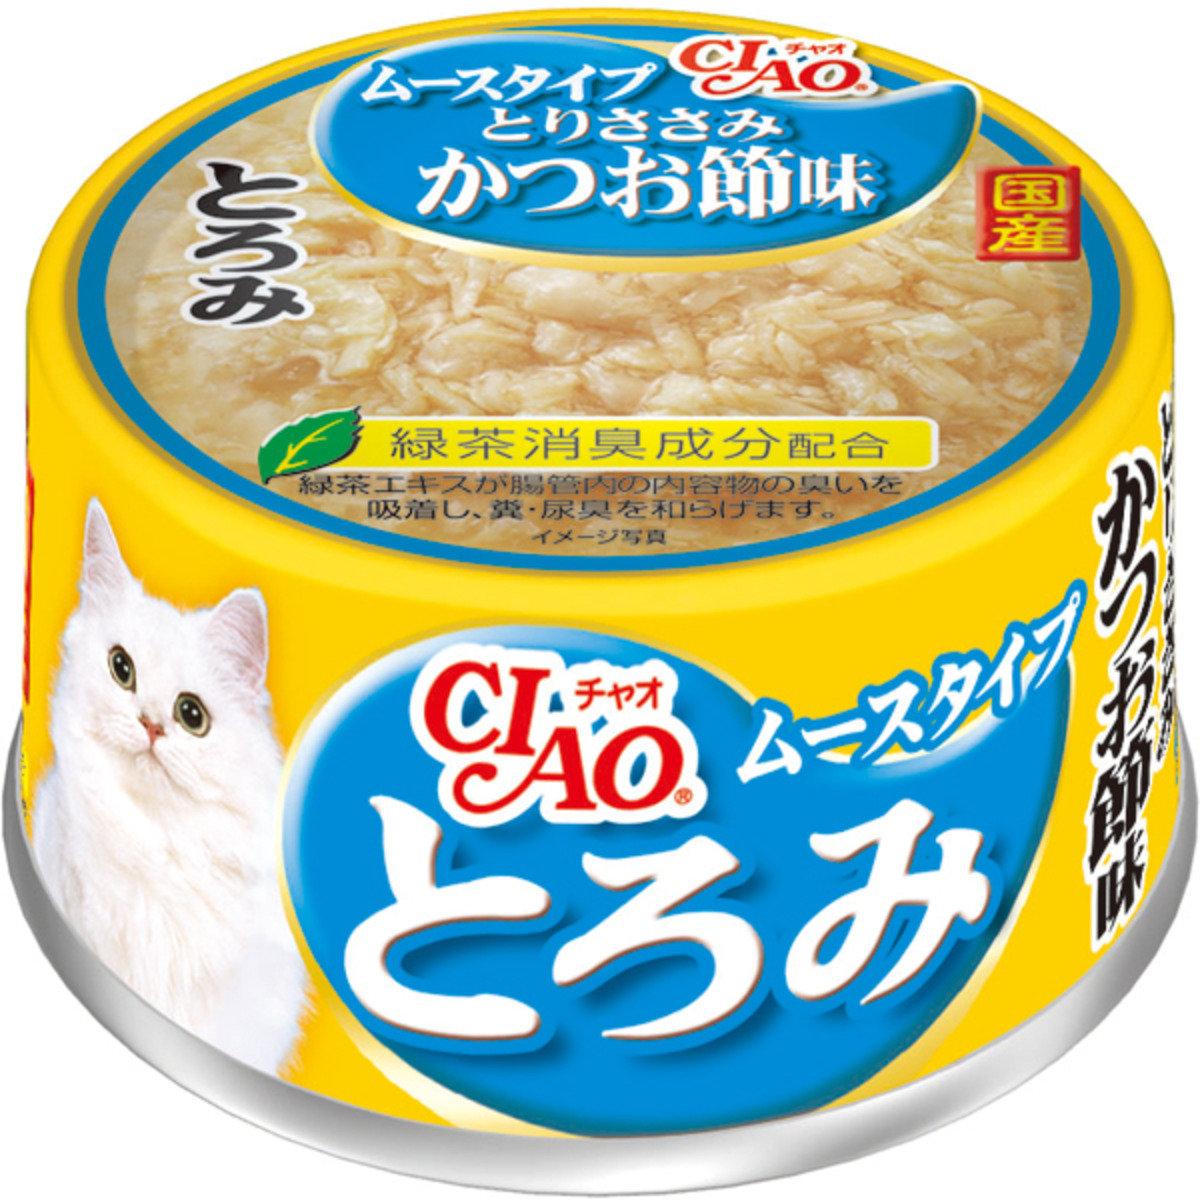 日本CIAO綠茶雞肉鰹魚柴魚摩絲 A-78